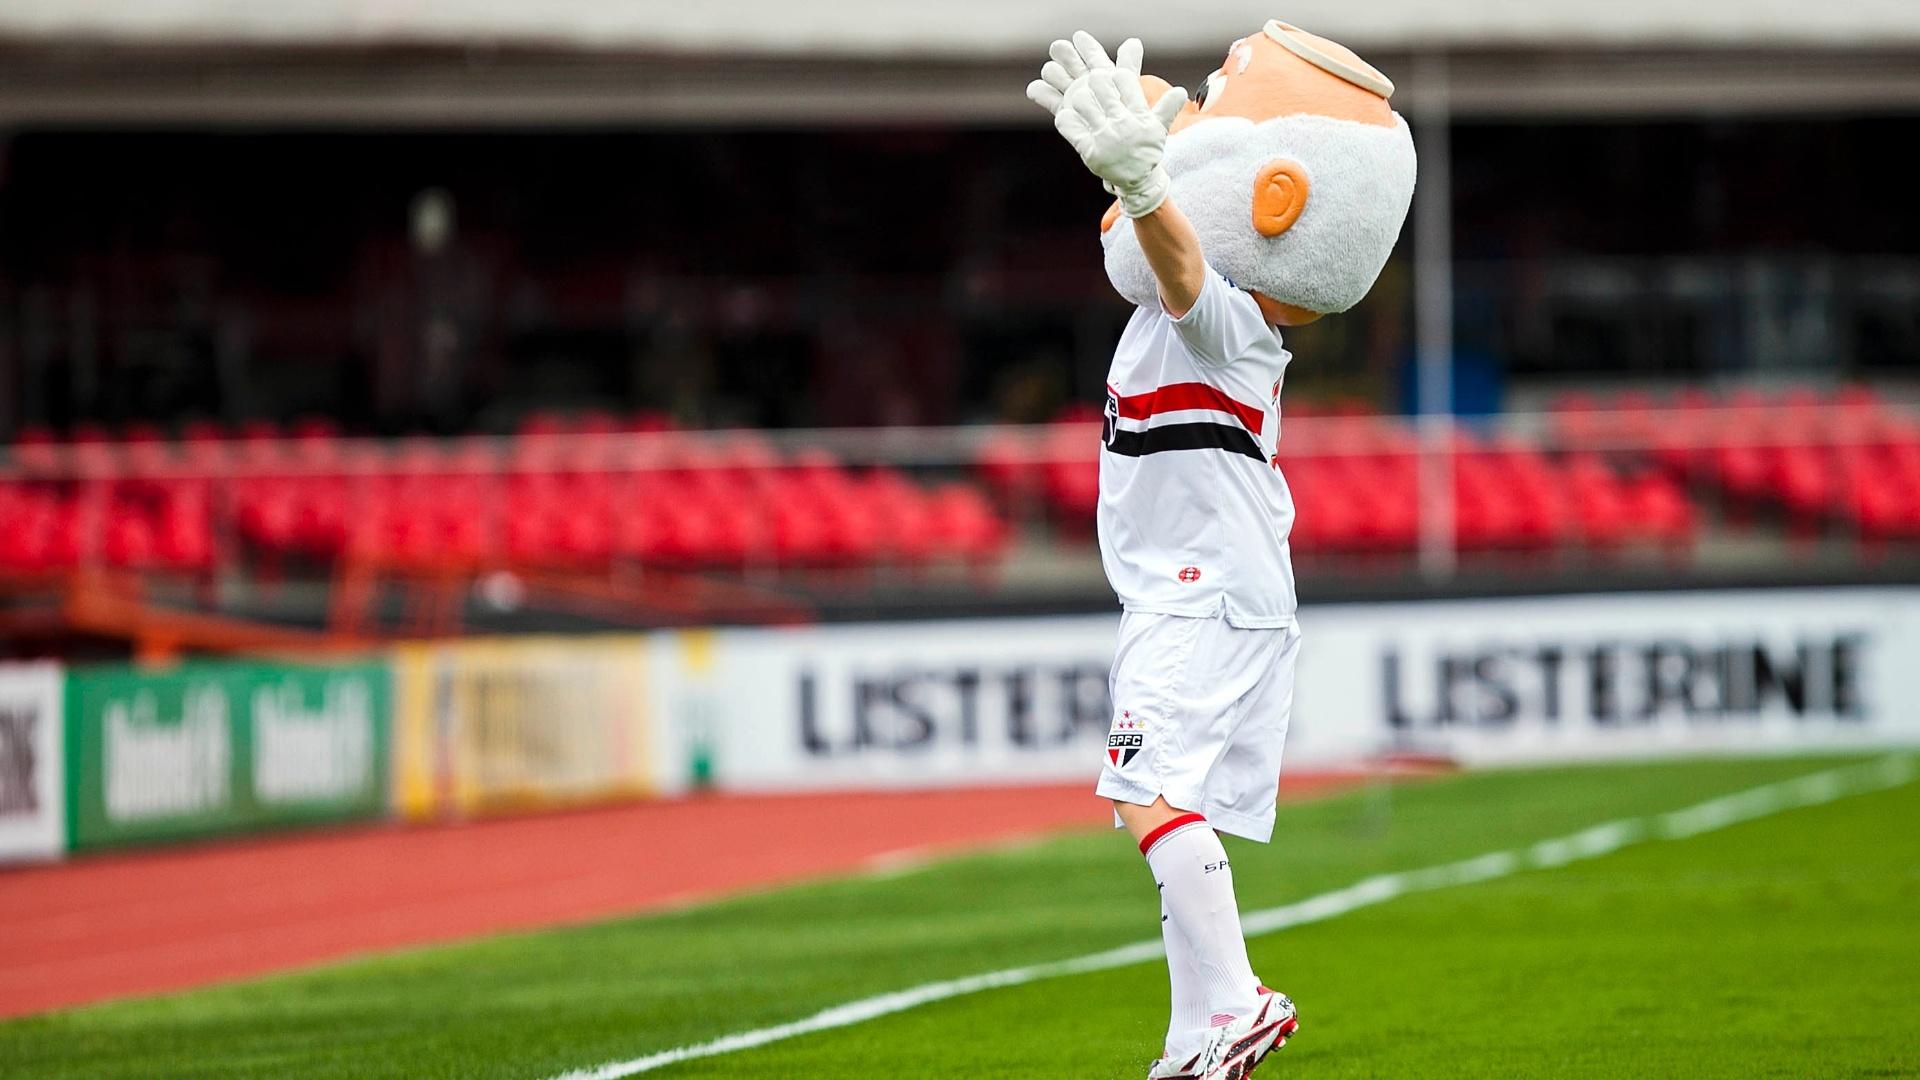 Mascote do São Paulo anima torcida no Morumbi antes da partida entre São Paulo e Coritiba